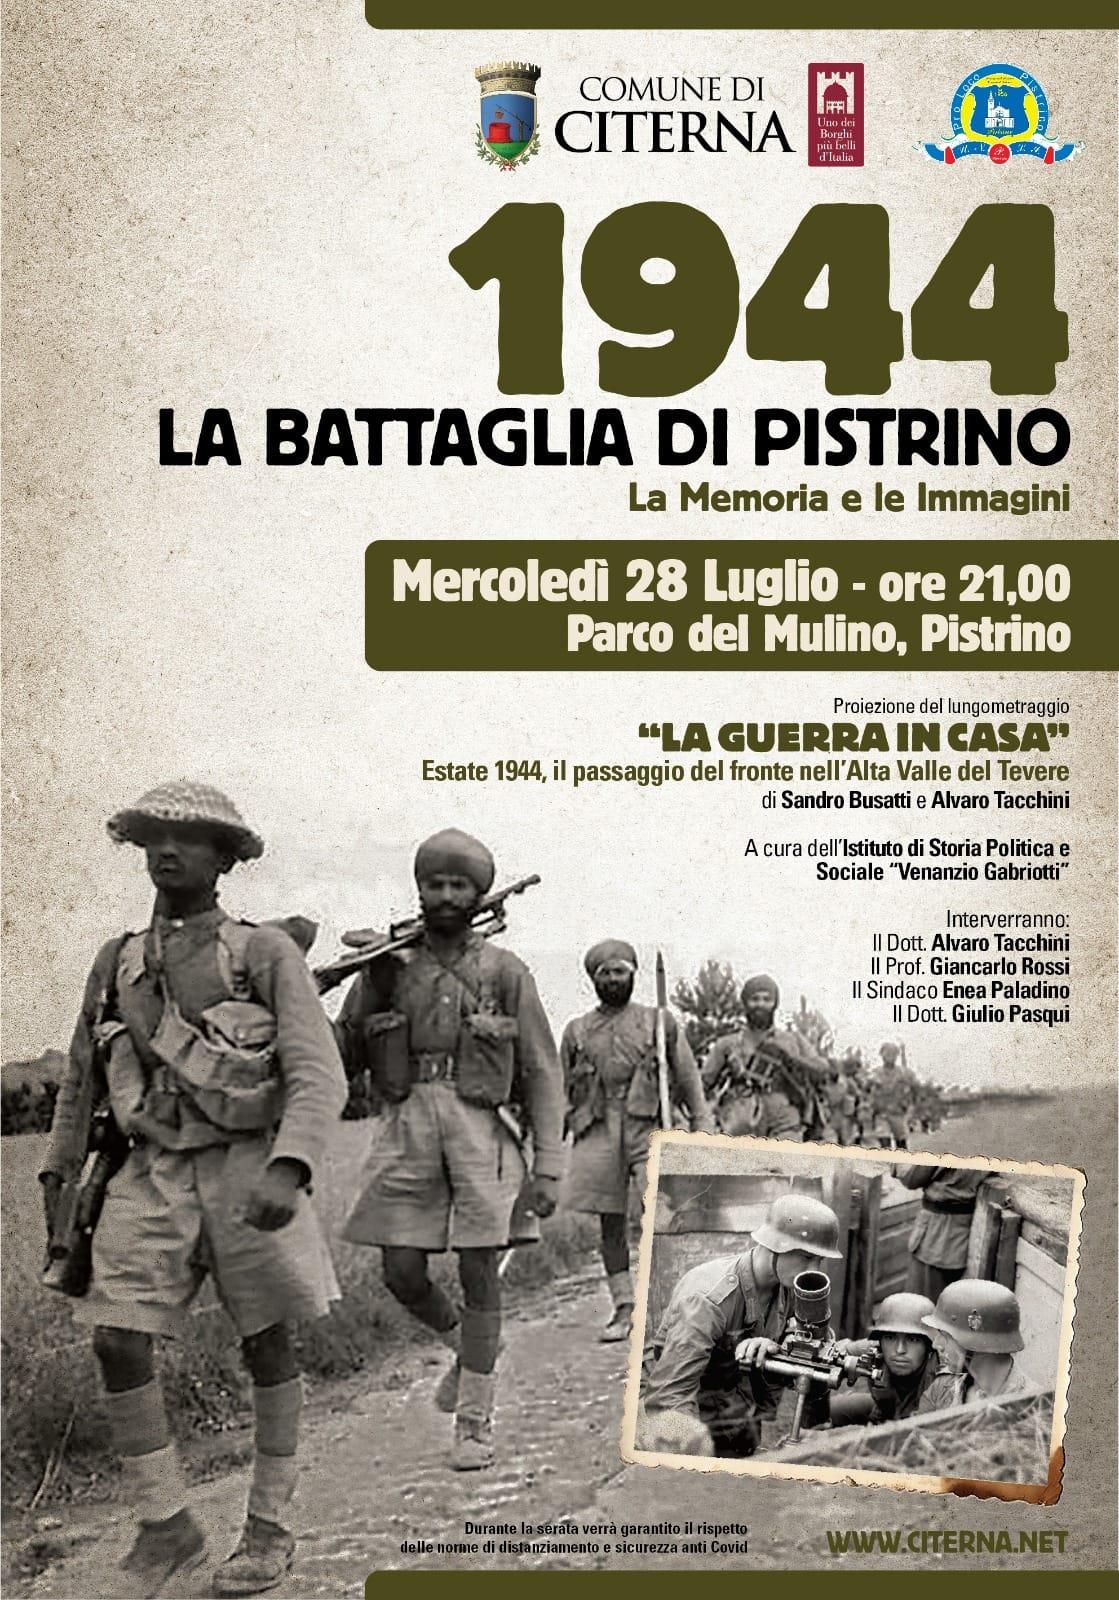 1944 – LA BATTAGLIA DI PISTRINO – LA MEMORIA E LE IMMAGINI